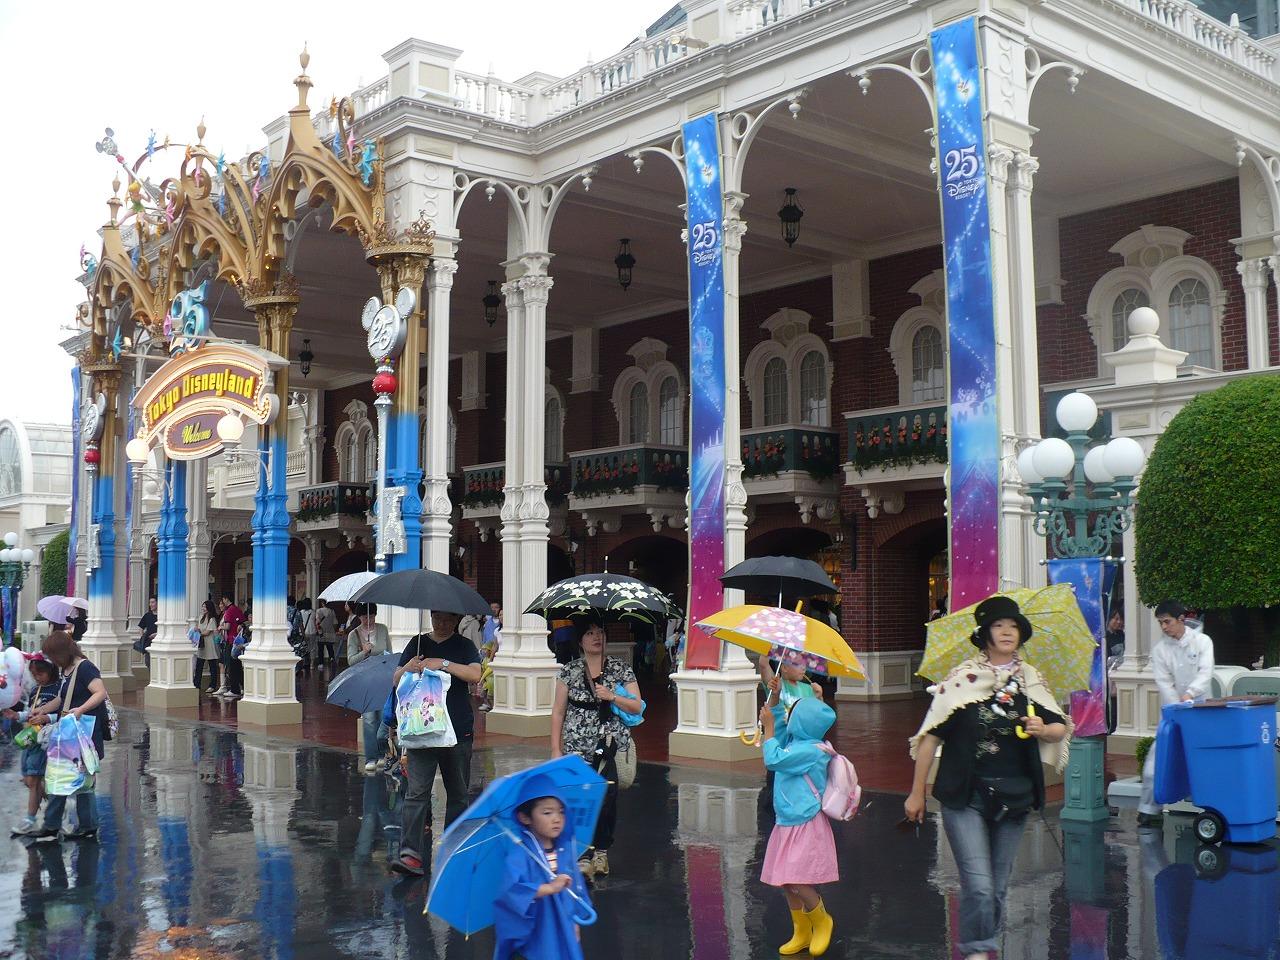 雨のディズニーランド』東京ディズニーリゾート(千葉県)の旅行記